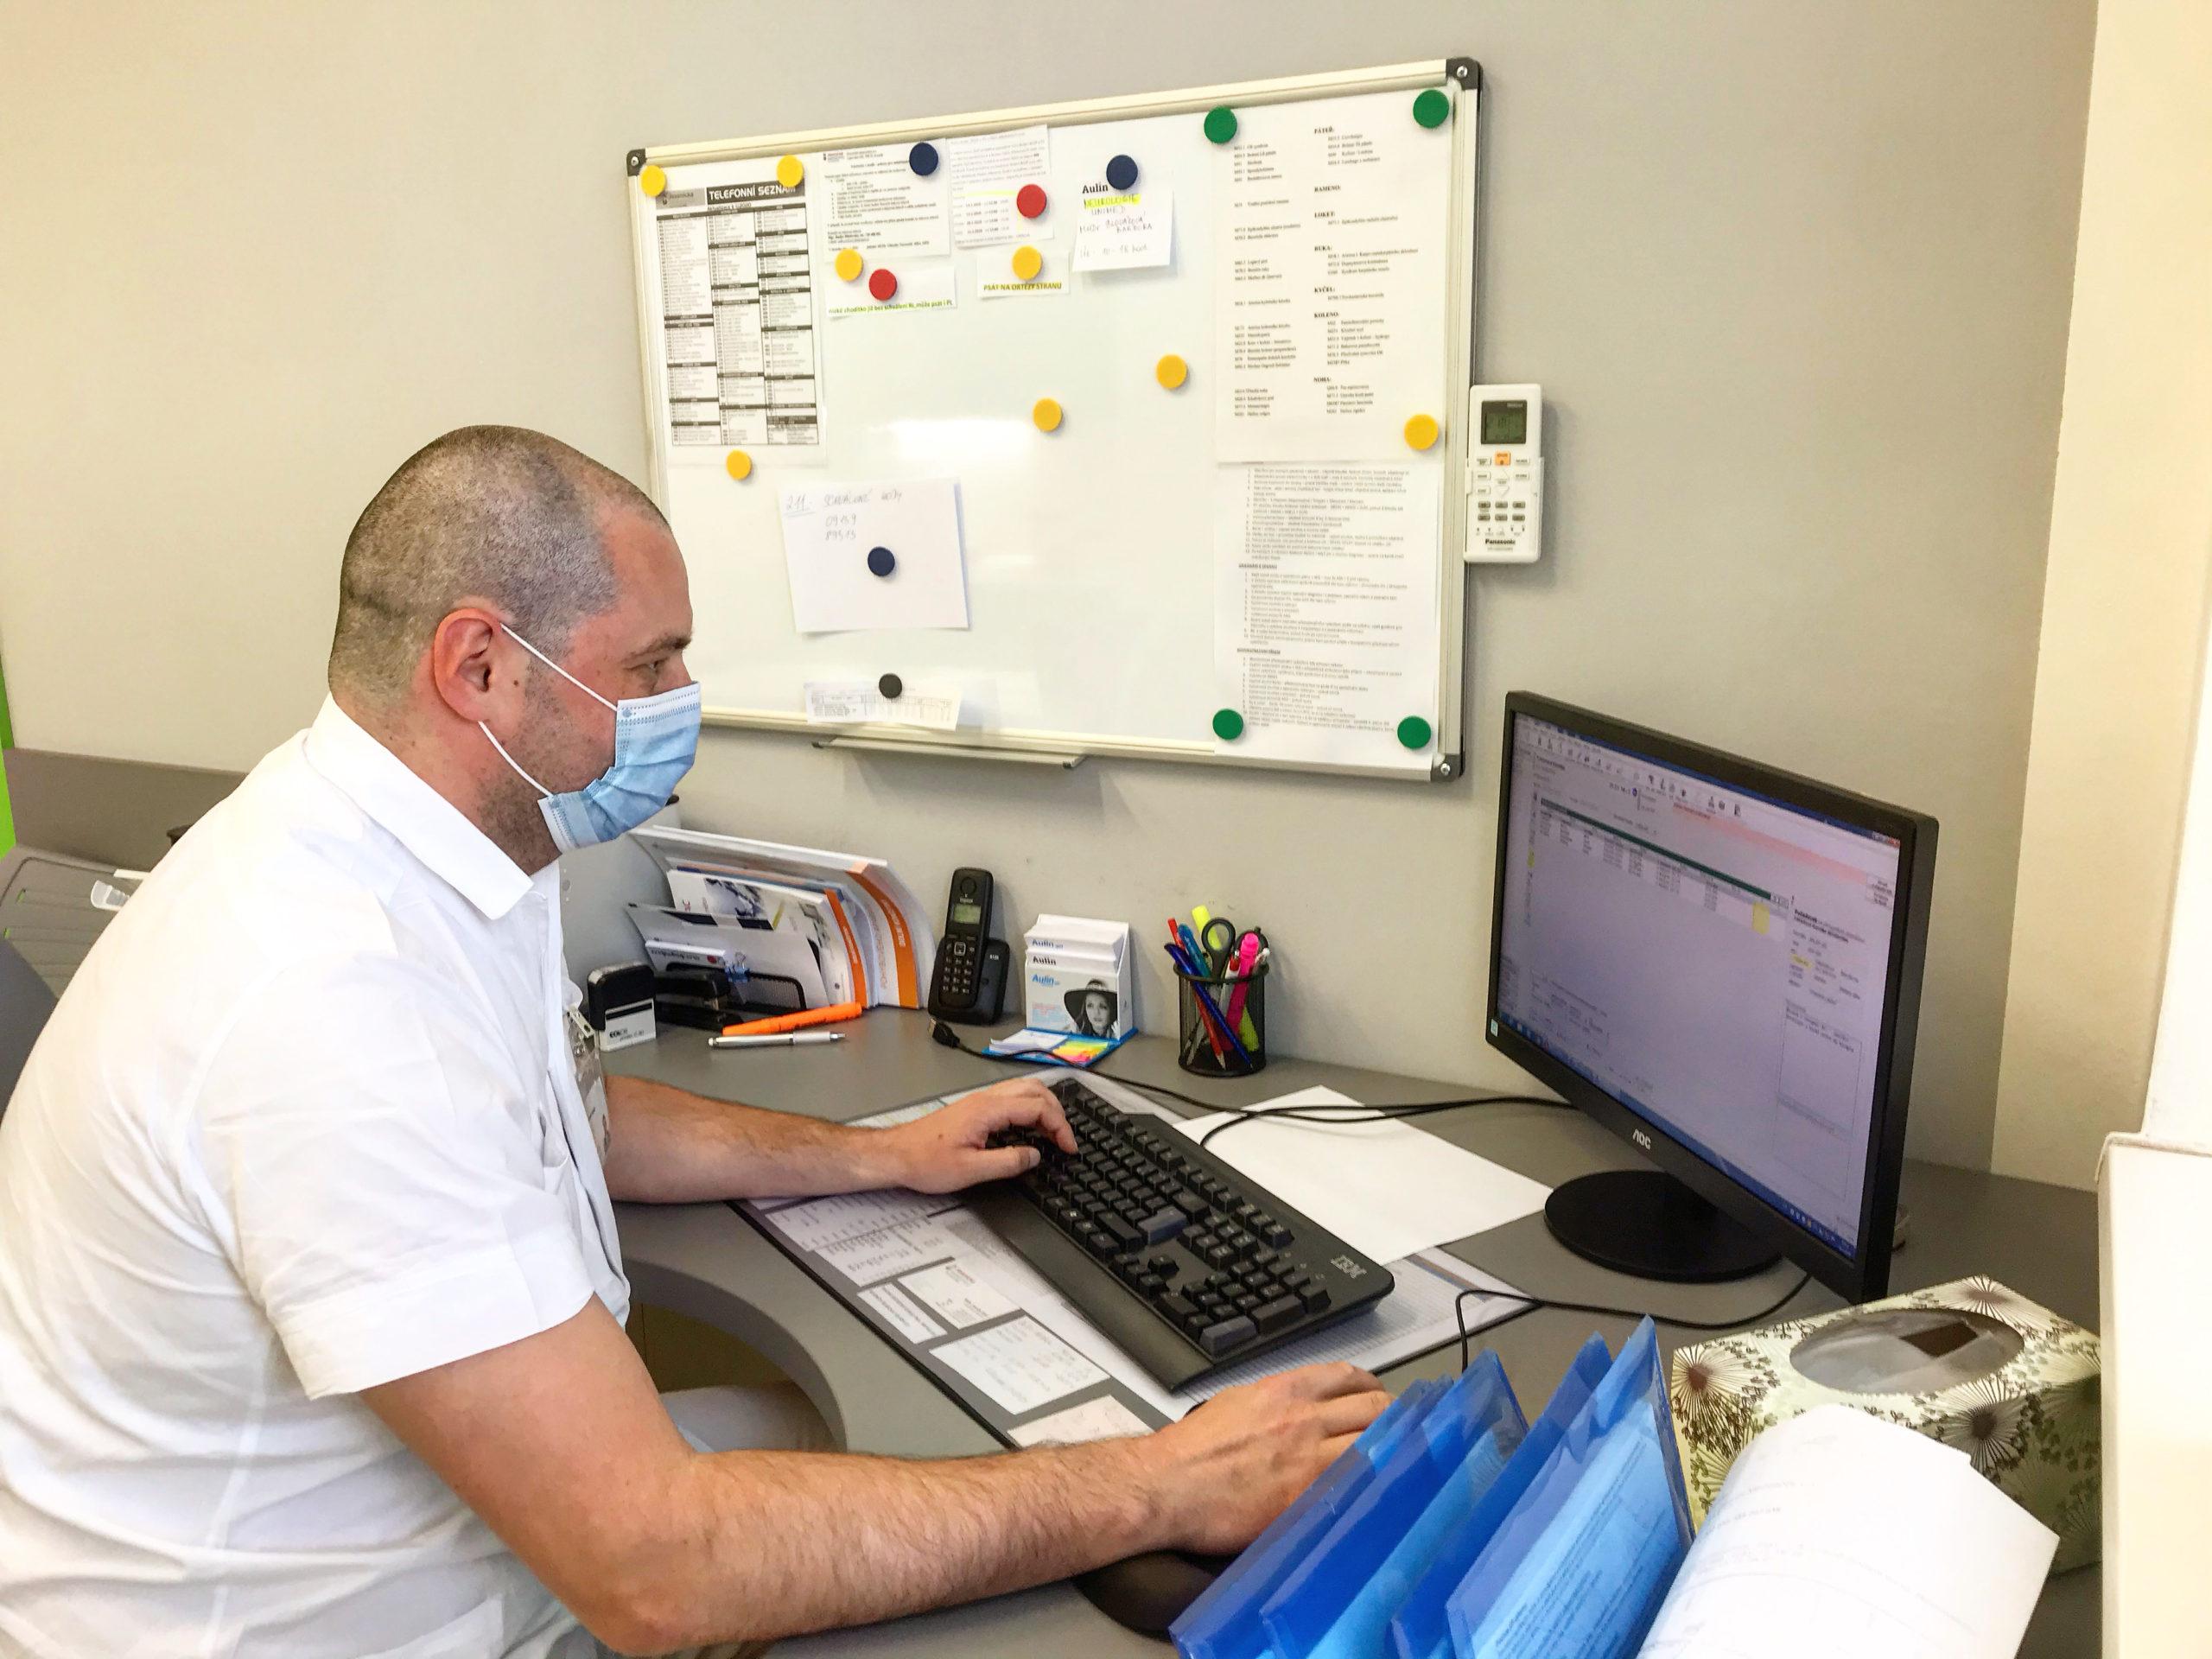 Ortopedi vJesenické nemocnici využívají špičkovou ultrazvukovou diagnostiku, zkvalitní tak péči o pacienty